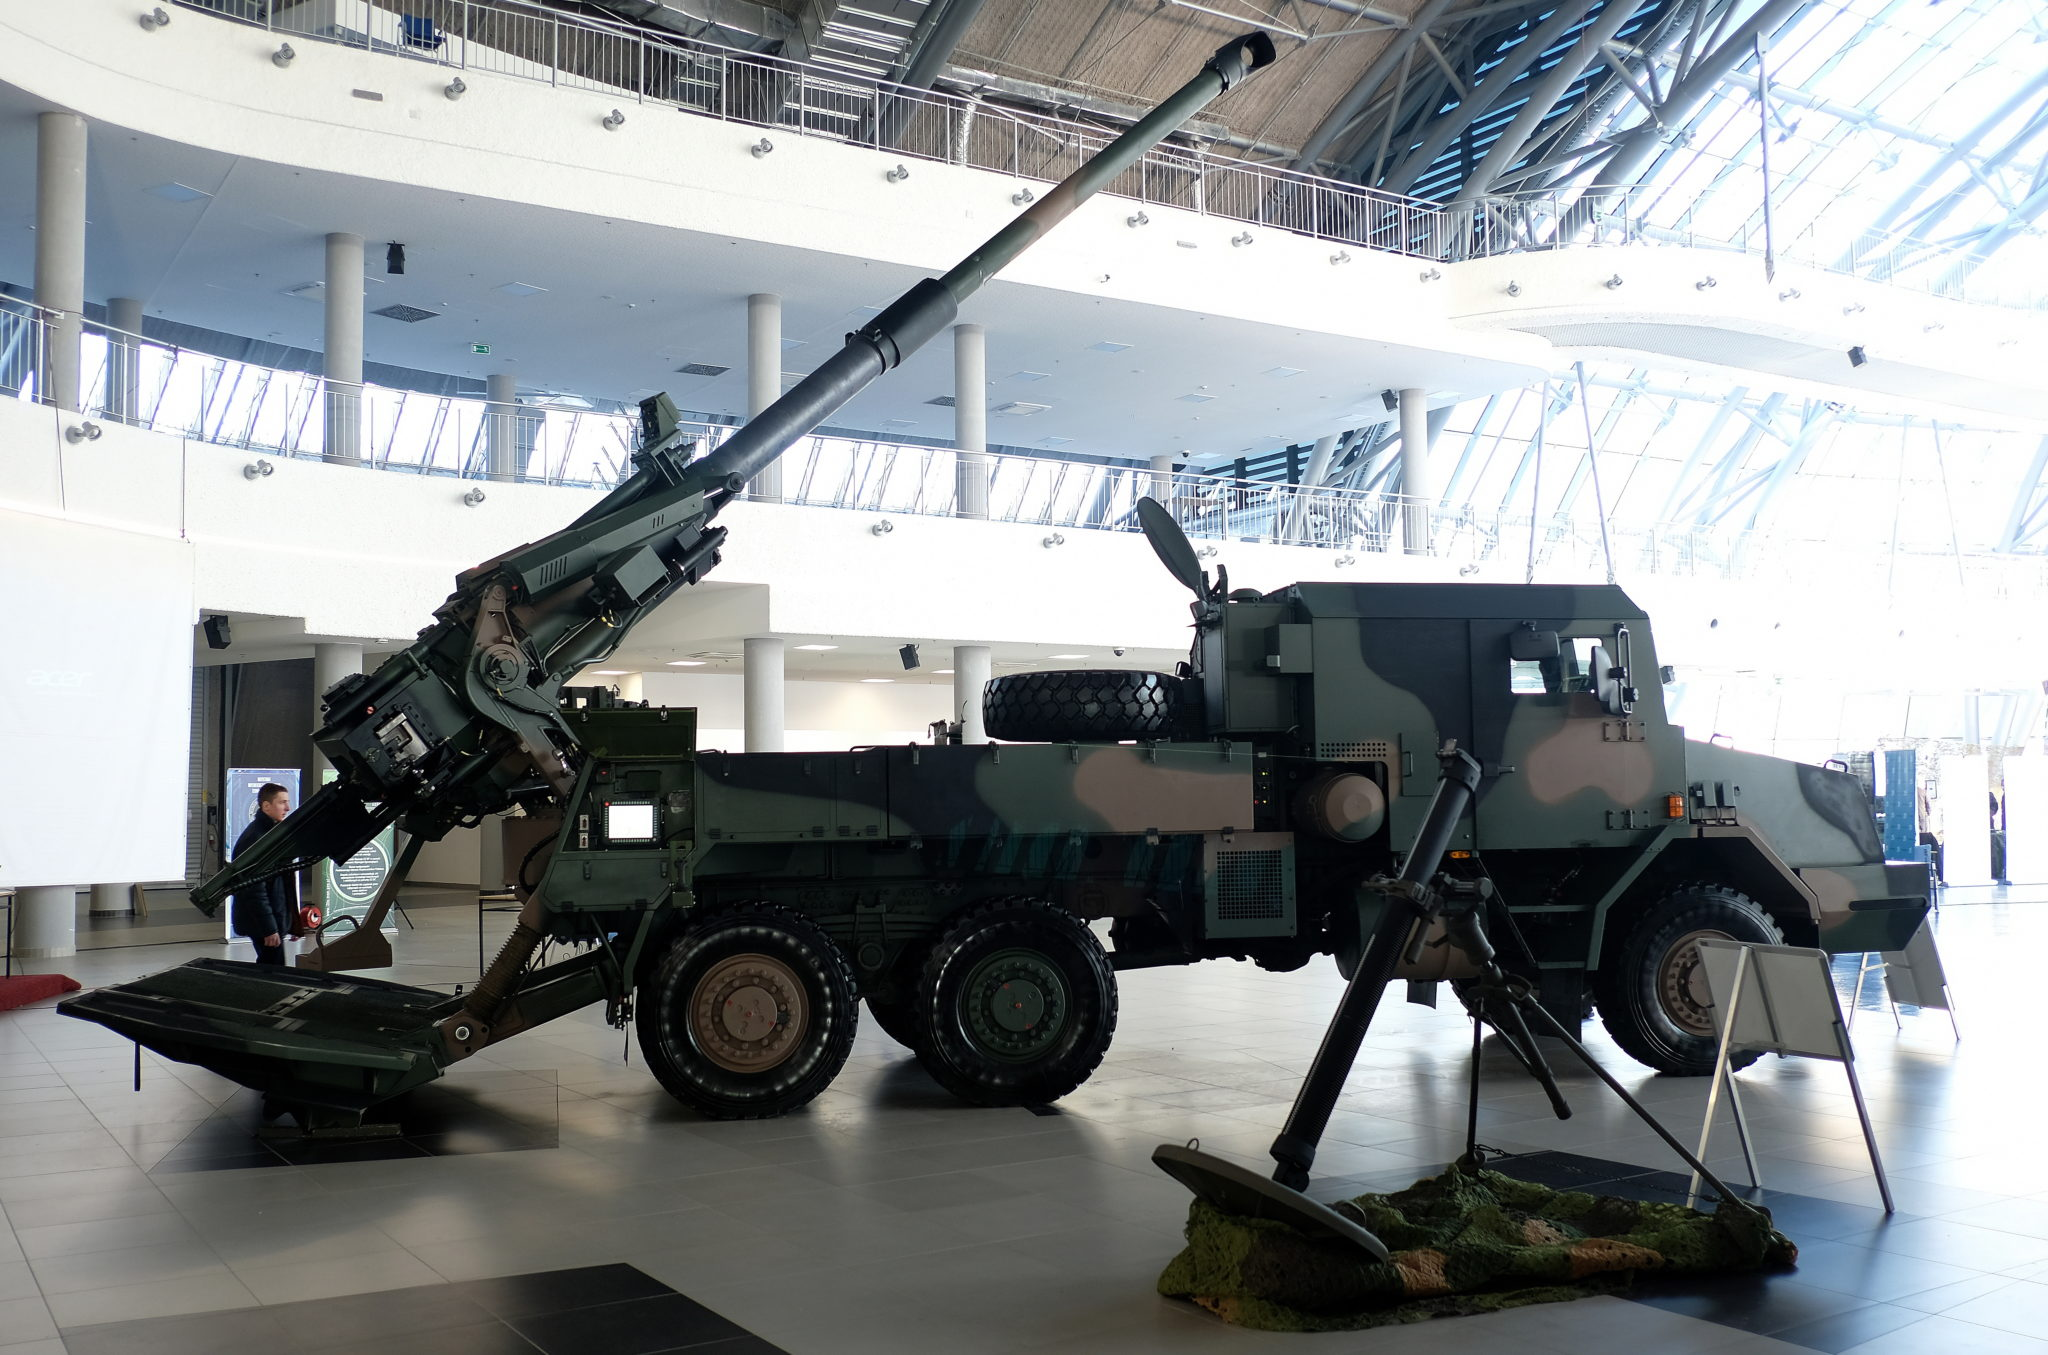 Polska: prezentacja innowacyjnego uzbrojenia w Jasionce koło Rzeszowa (foto. PAP/Darek Delmanowicz)